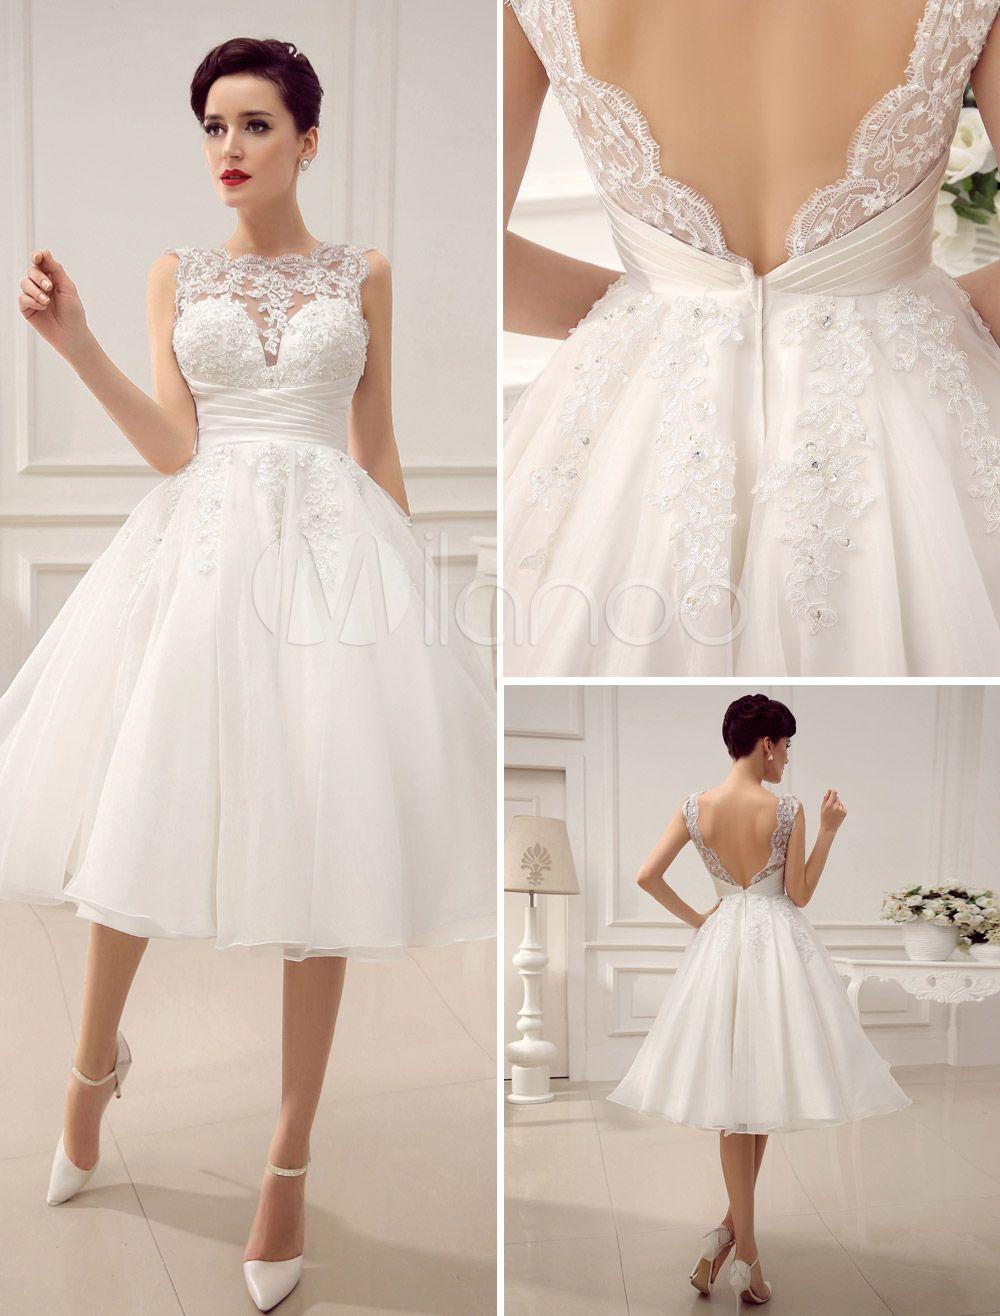 Vestido de noiva curto marfim com renda e decote V | Courthouse ...